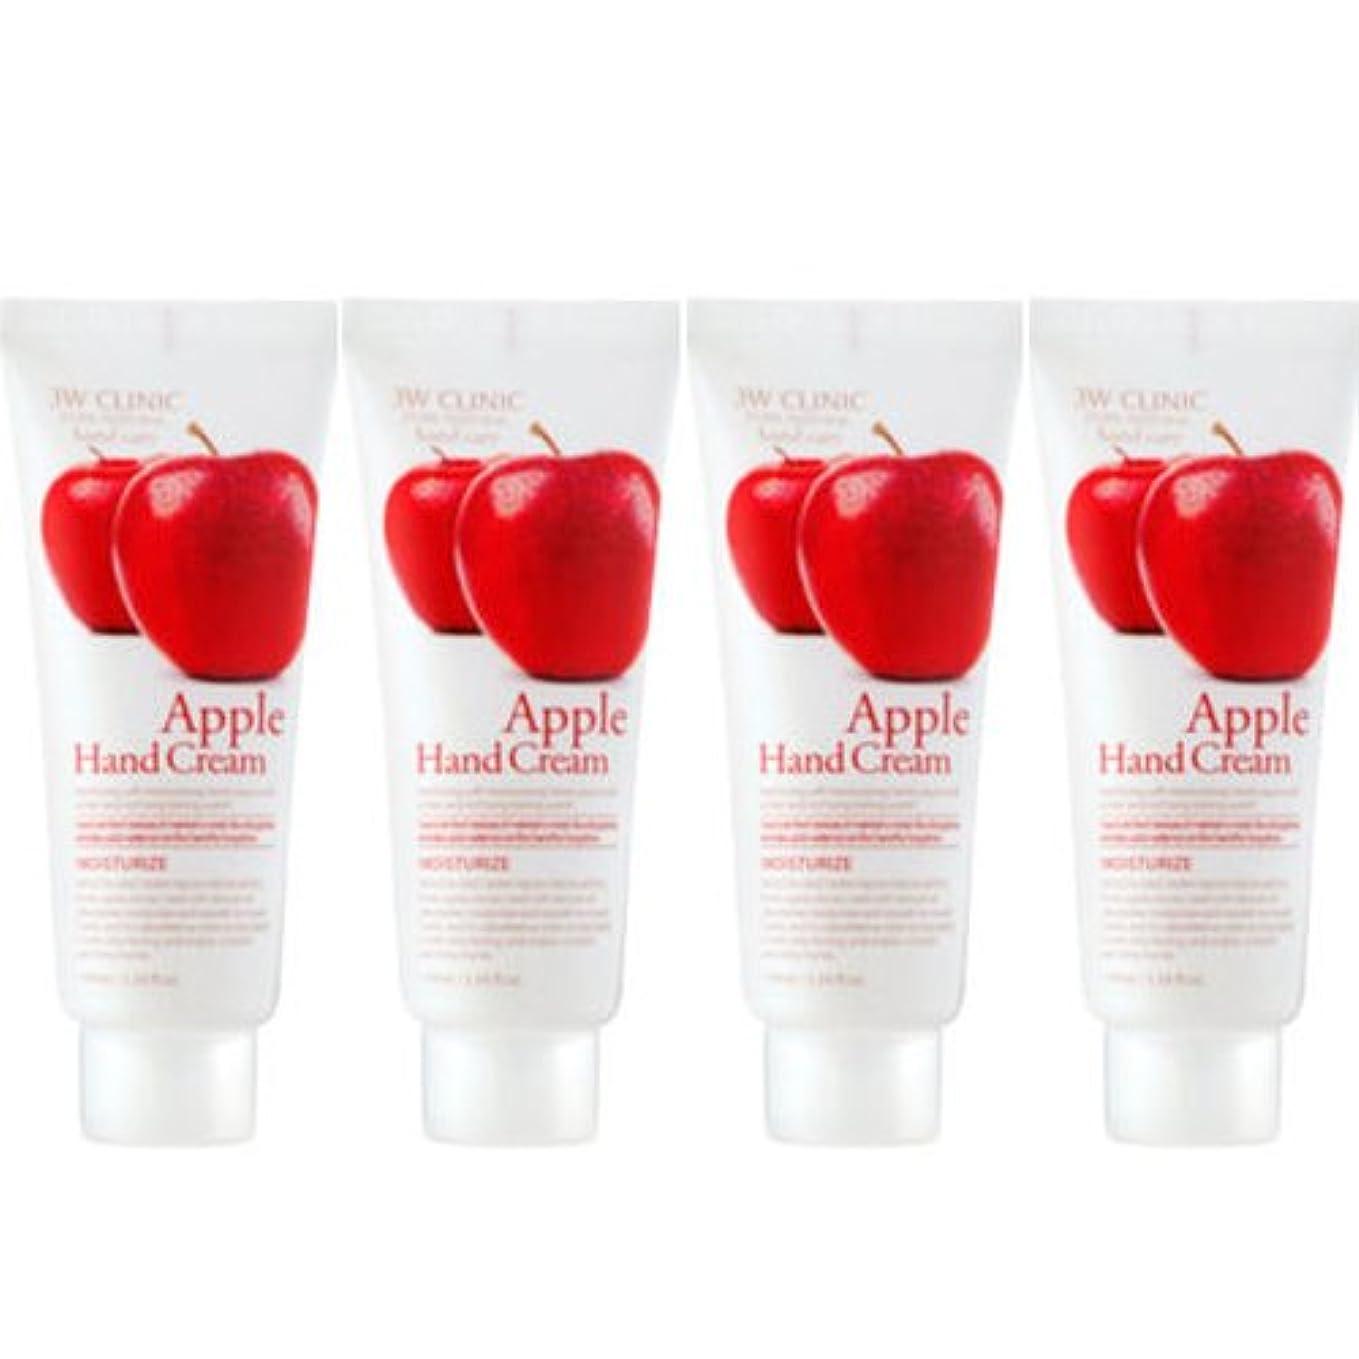 3w Clinic[韓国コスメARRAHAN]Moisturizing Apple Hand Cream モイスチャーリングリンゴハンドクリーム100mlX4個 [並行輸入品]